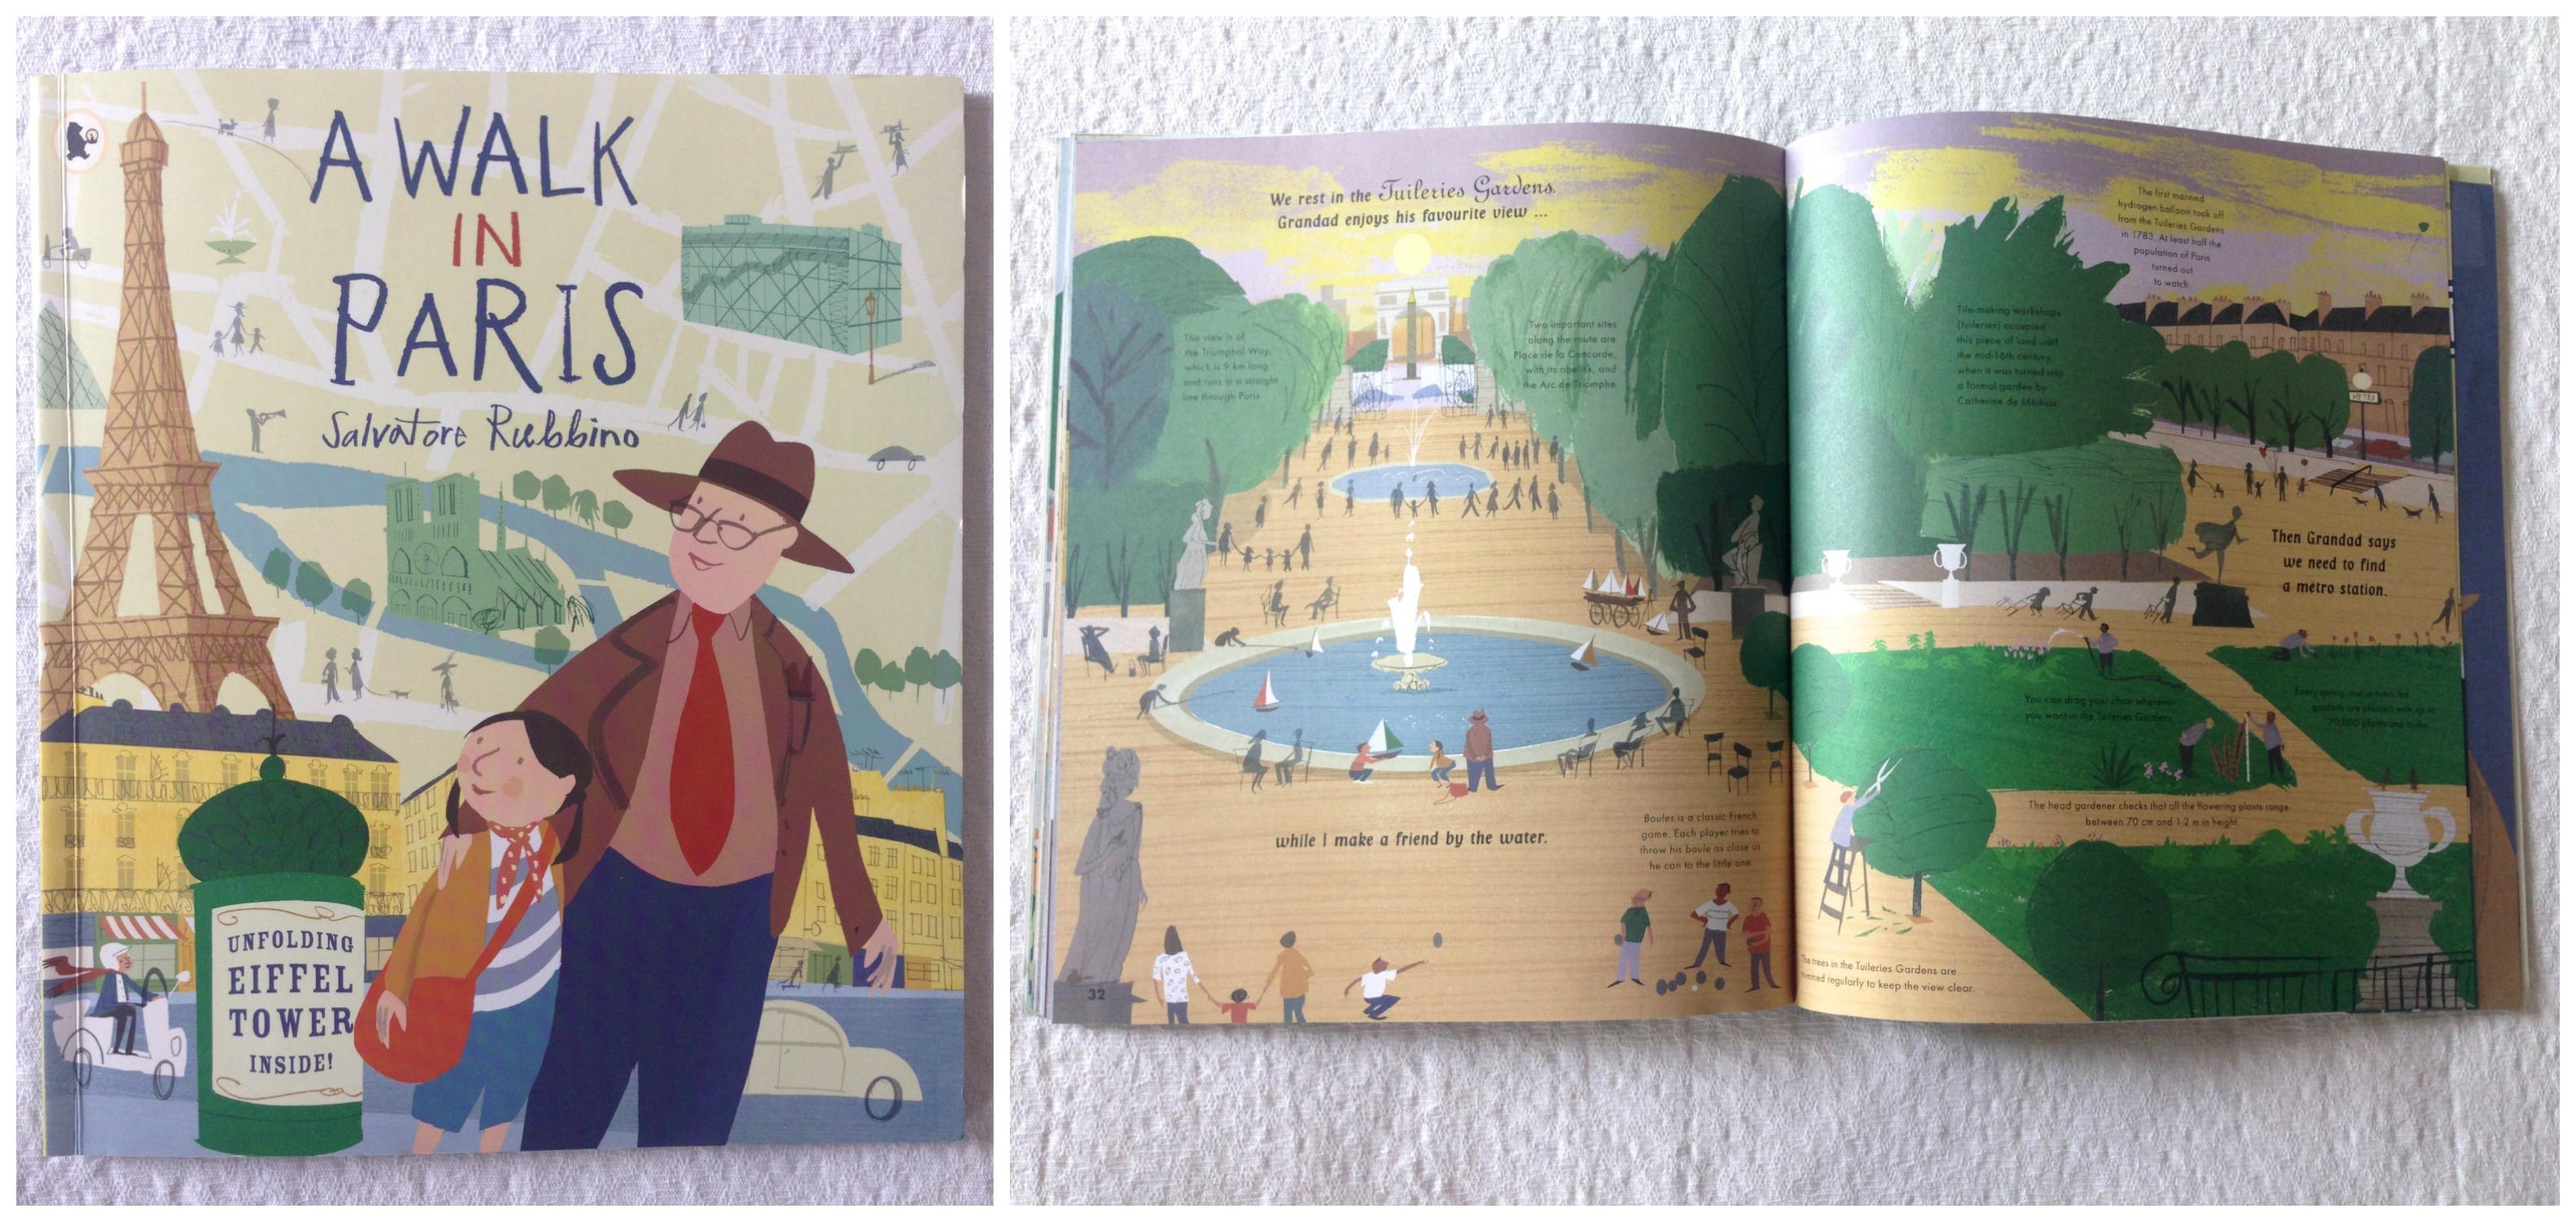 Libri per bambini su Parigi: la magia inizia qui - Moms about town